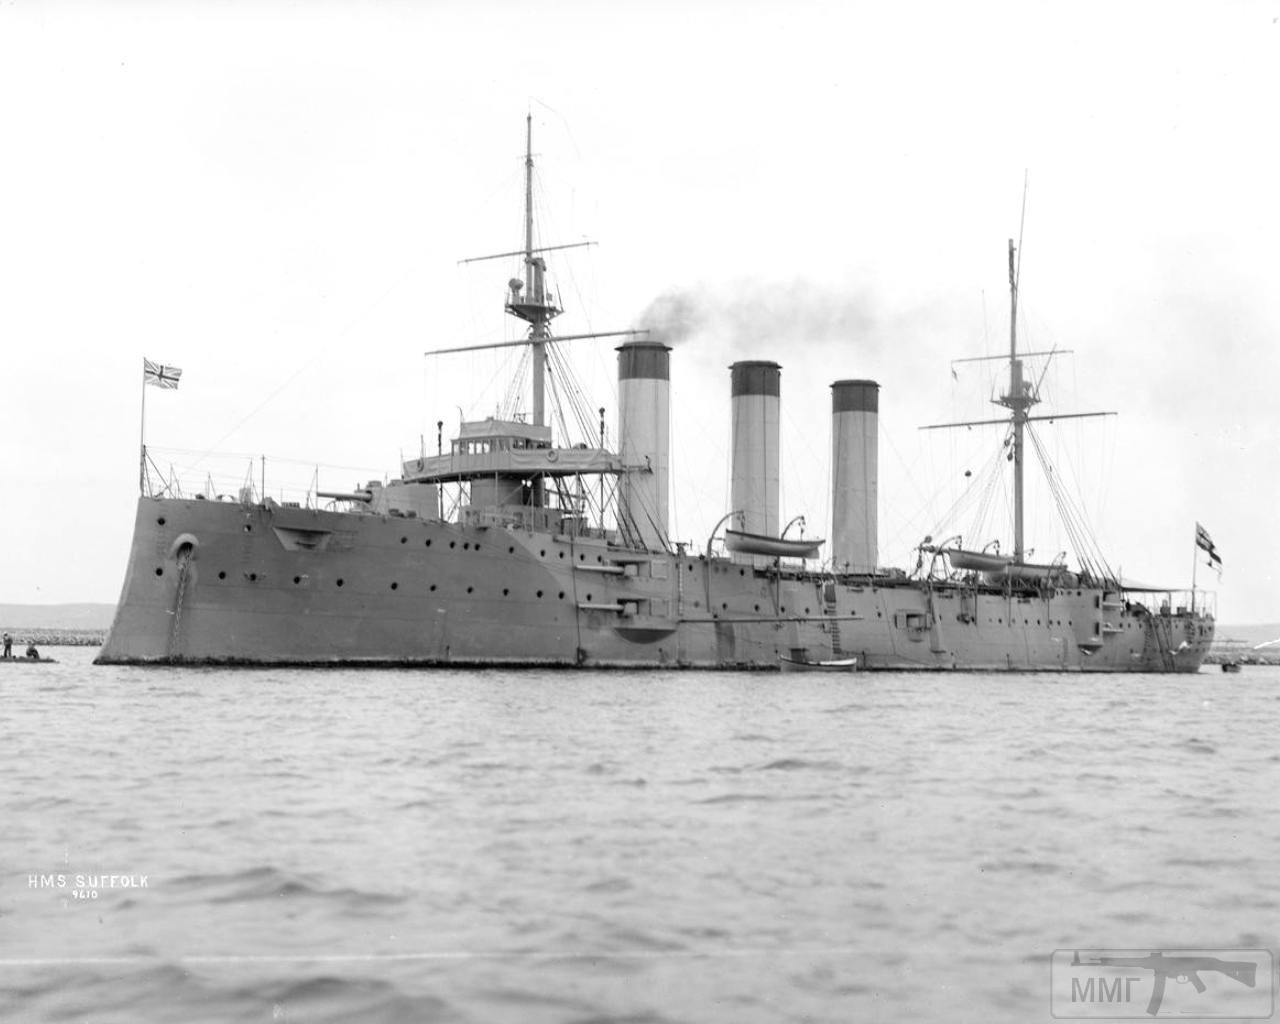 52497 - HMS Suffolk